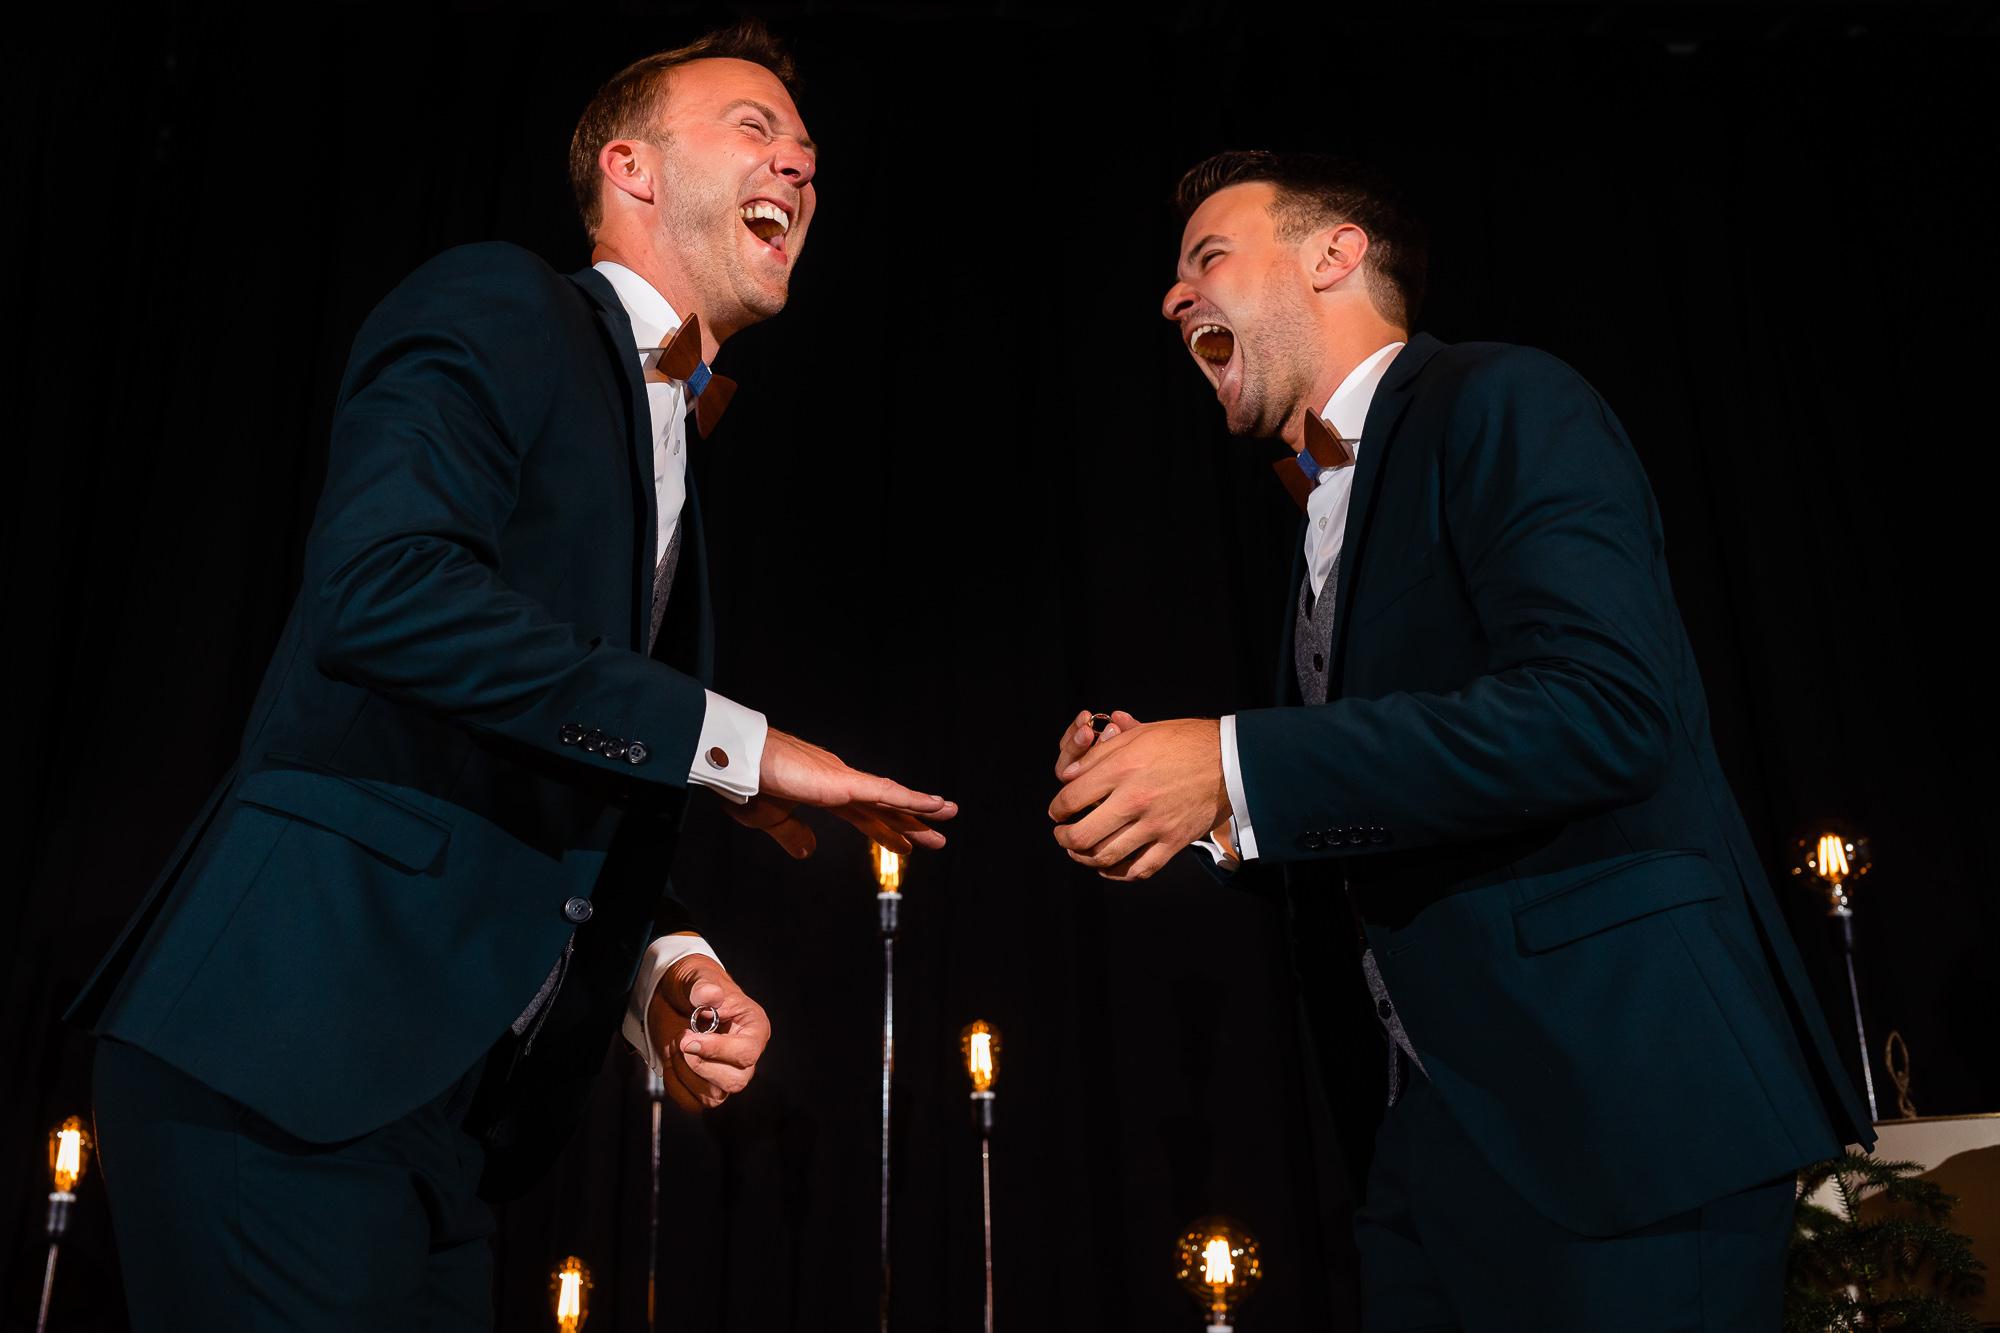 Bruidegoms aan het lachen tijdens het aandoen van de ringen